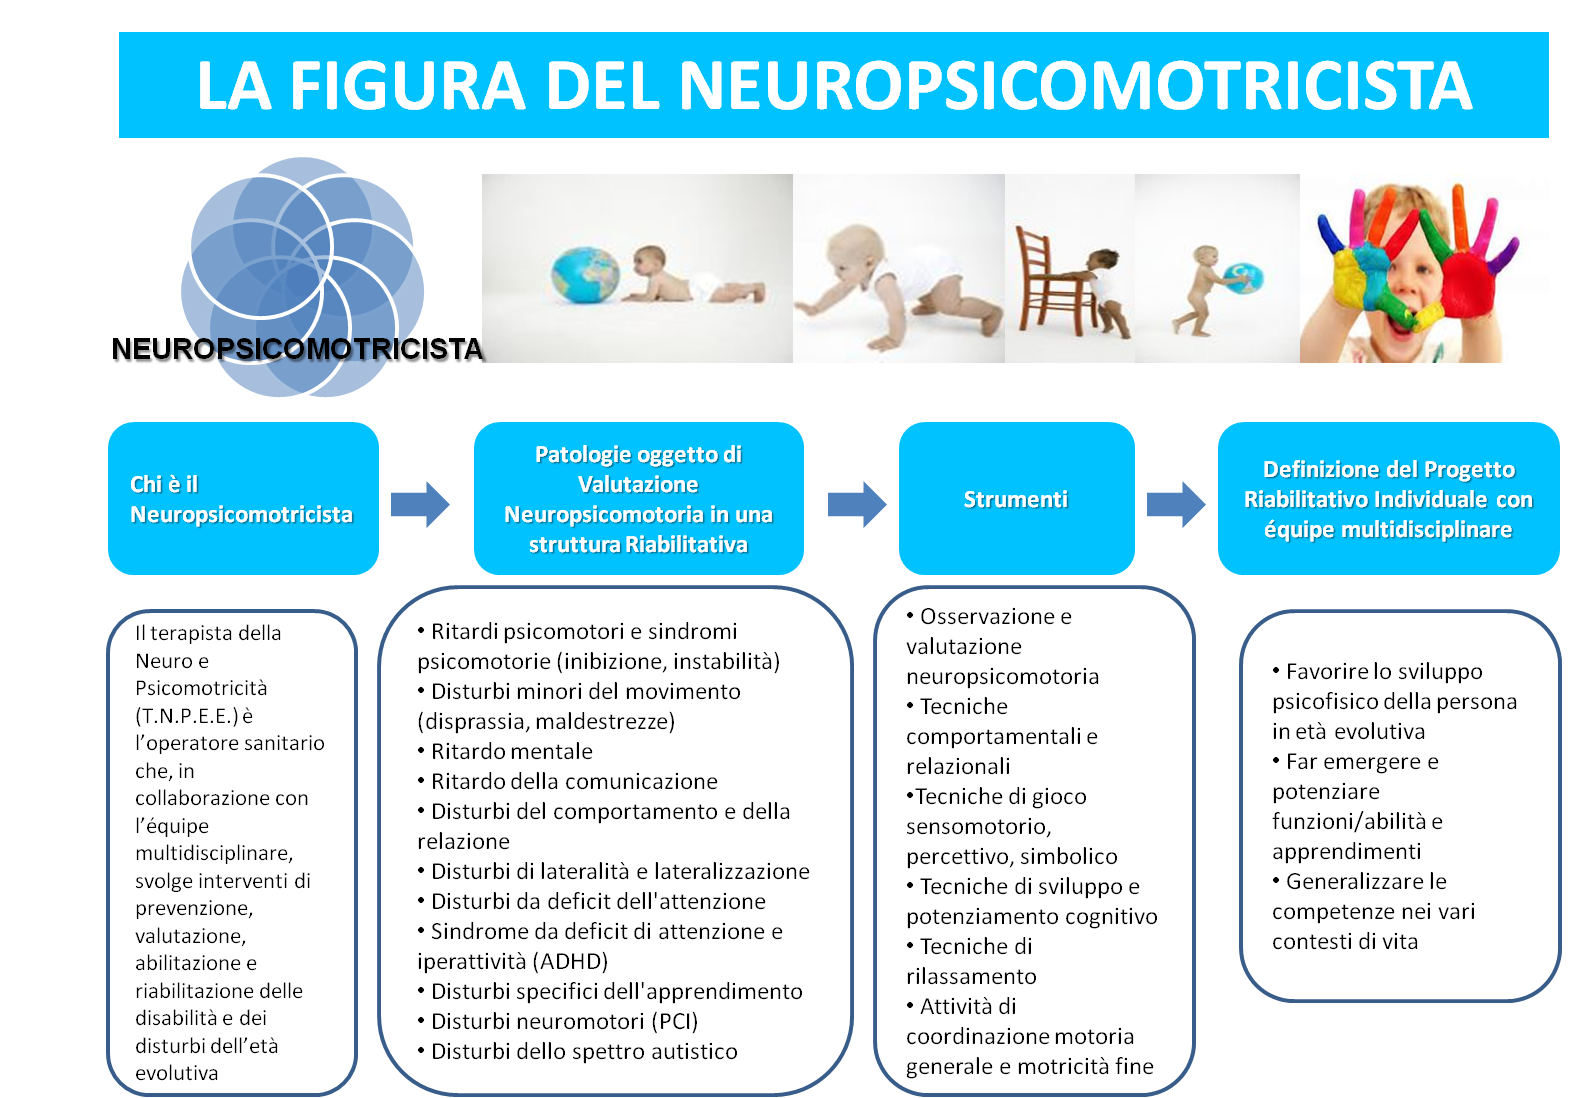 Il Neuropsicomotricista